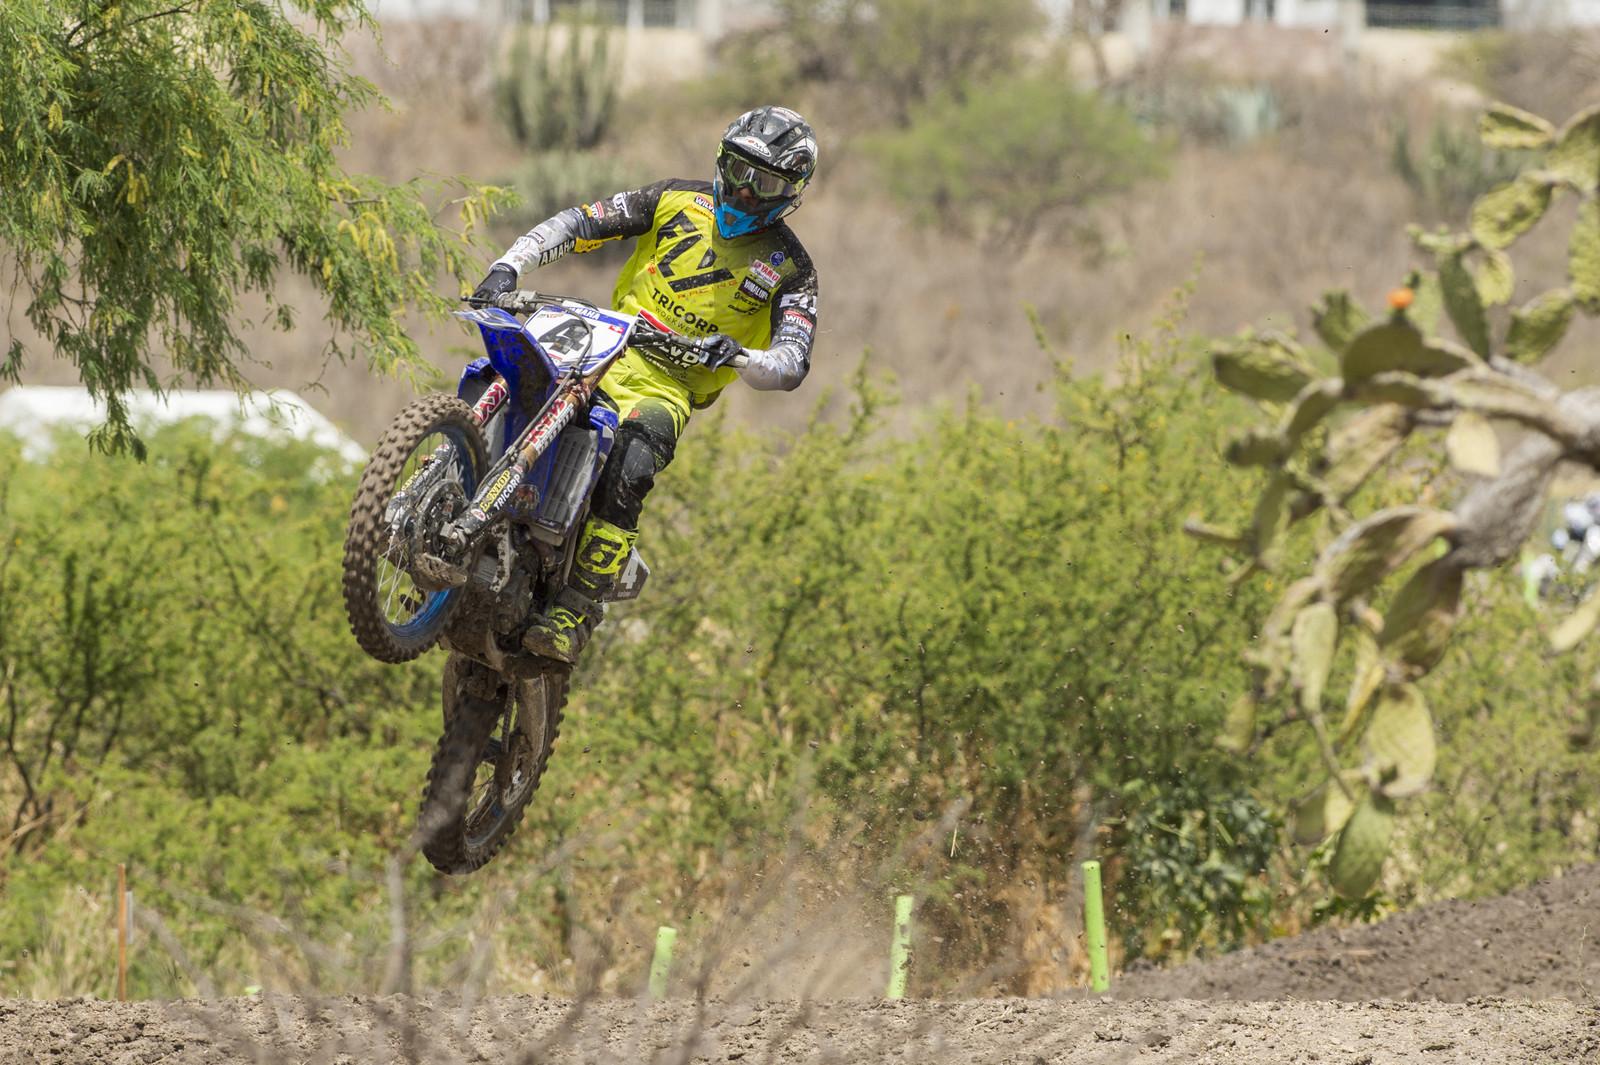 Arnaud Tonus - Photo Blast: 2017 MXGP of Mexico - Motocross Pictures - Vital MX